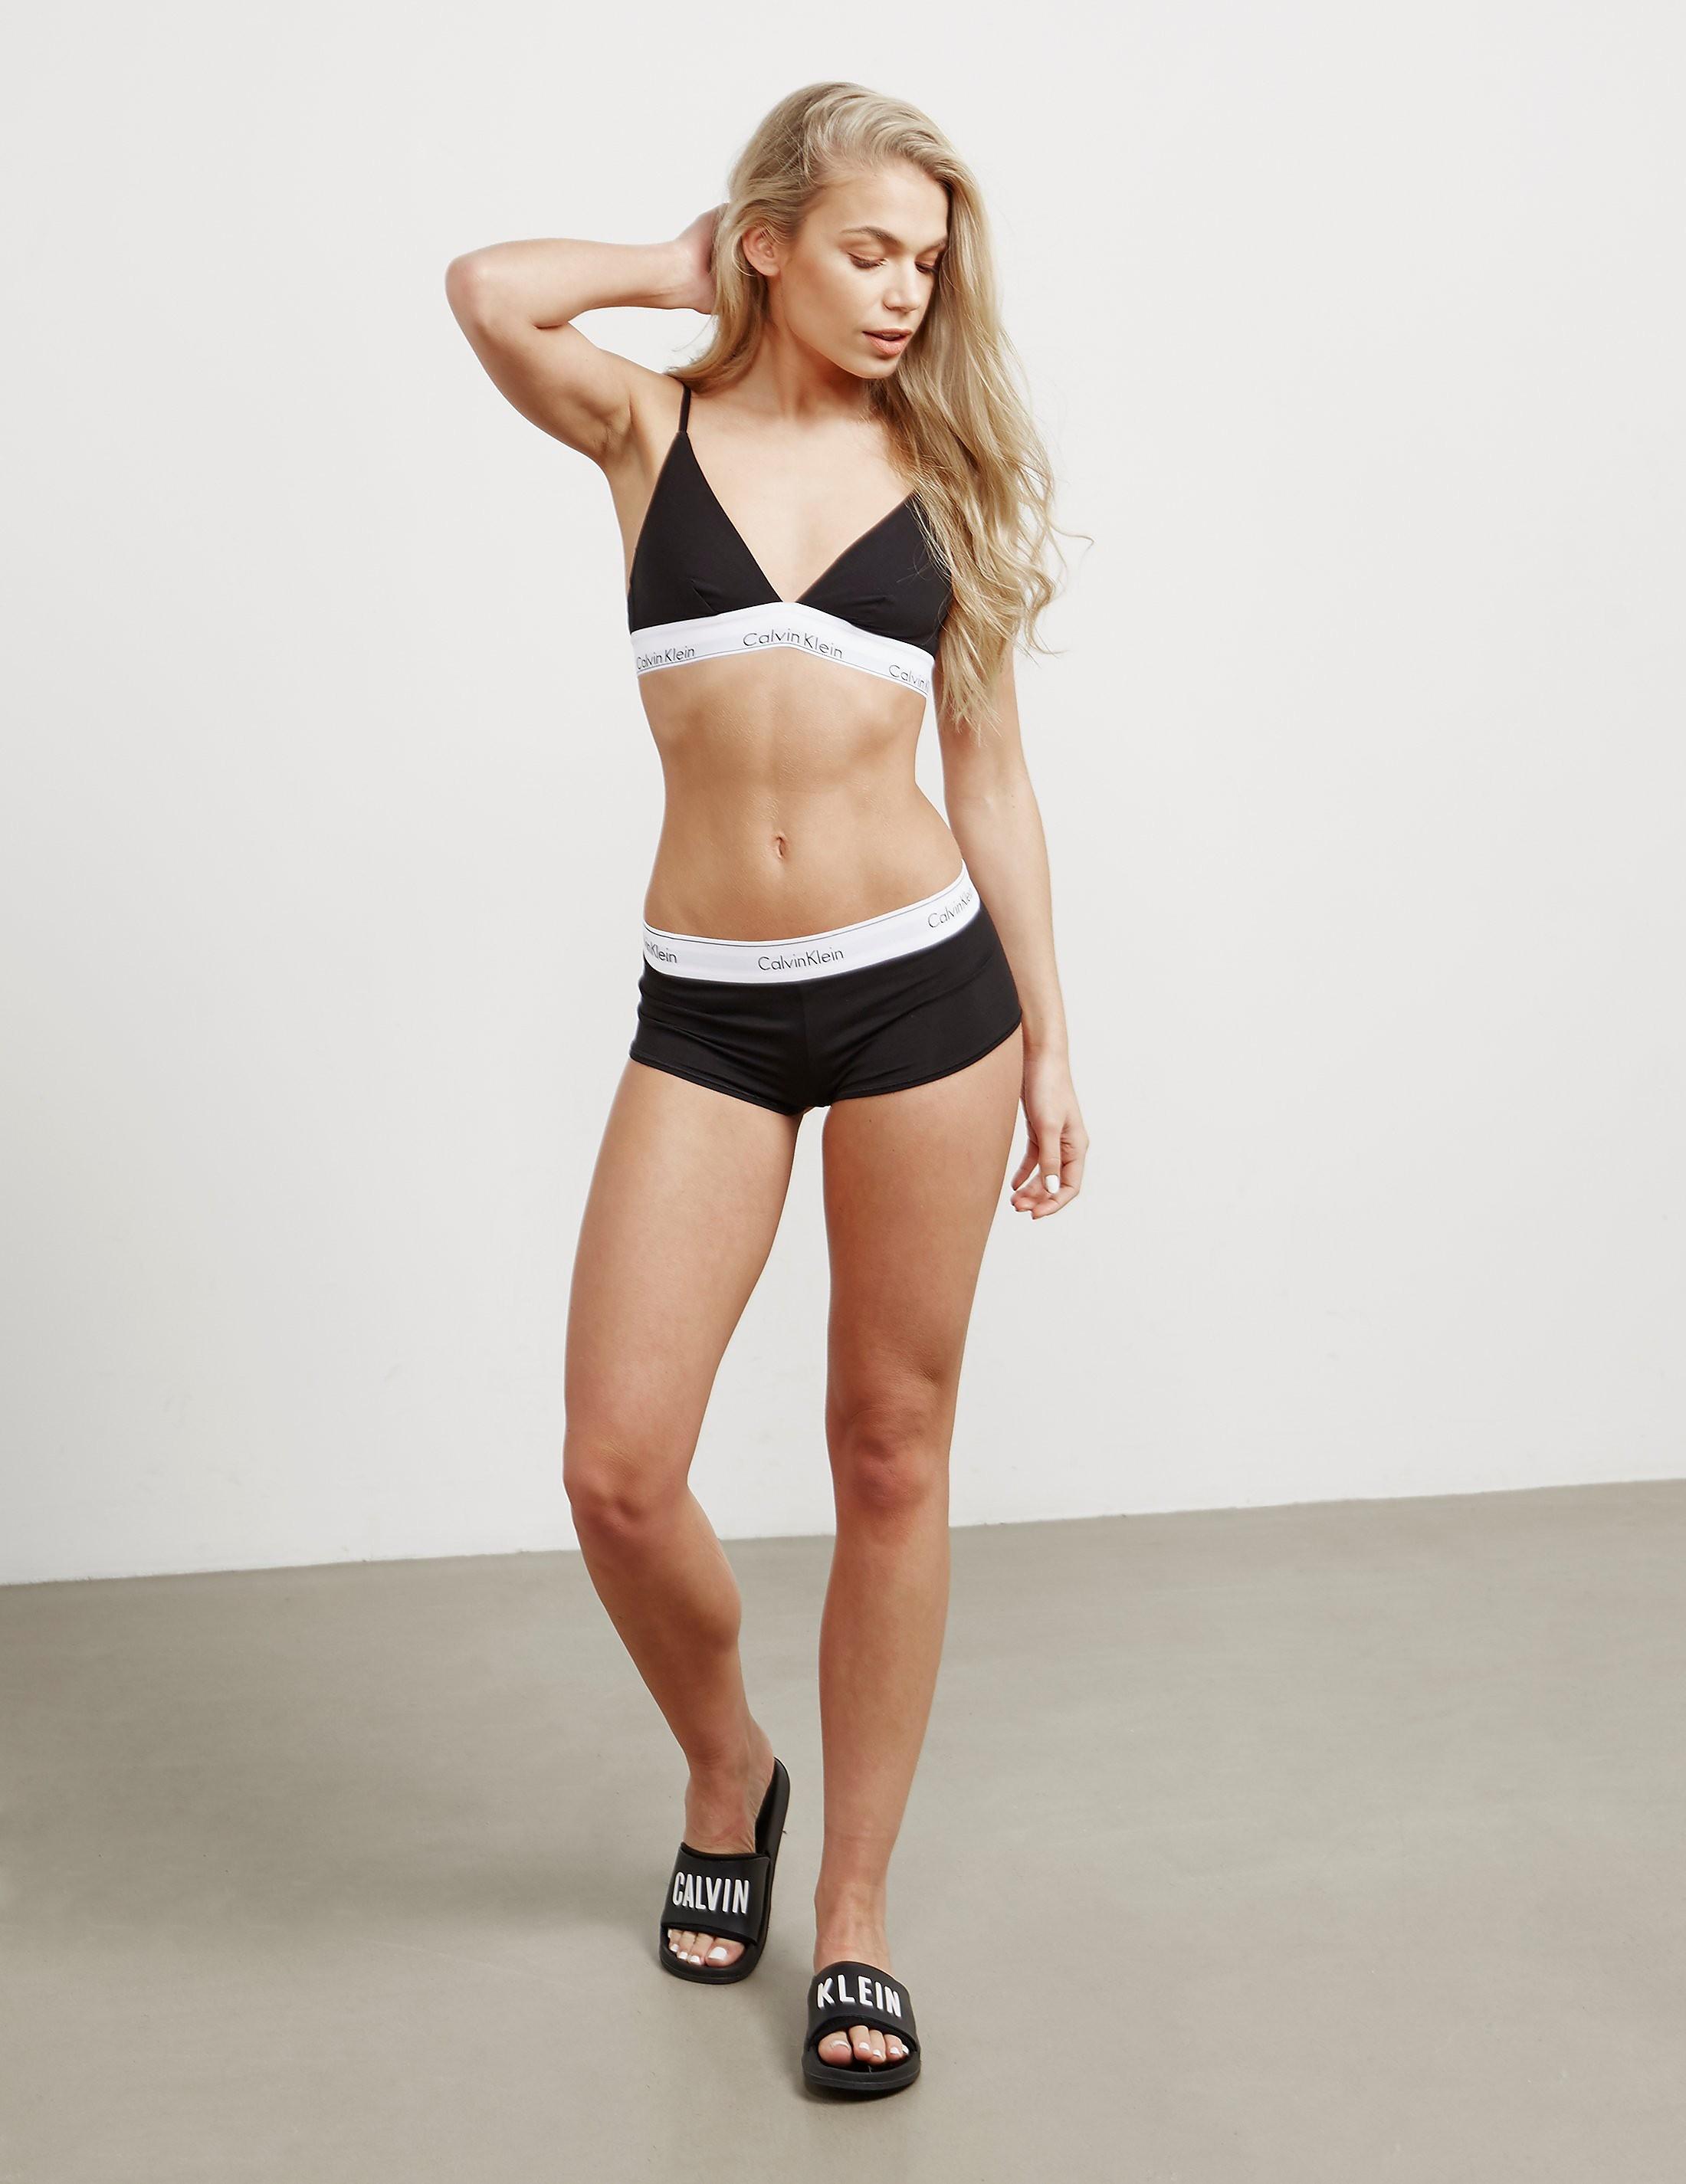 Calvin Klein Modern Cotton Tri Bra - Online Exclusive